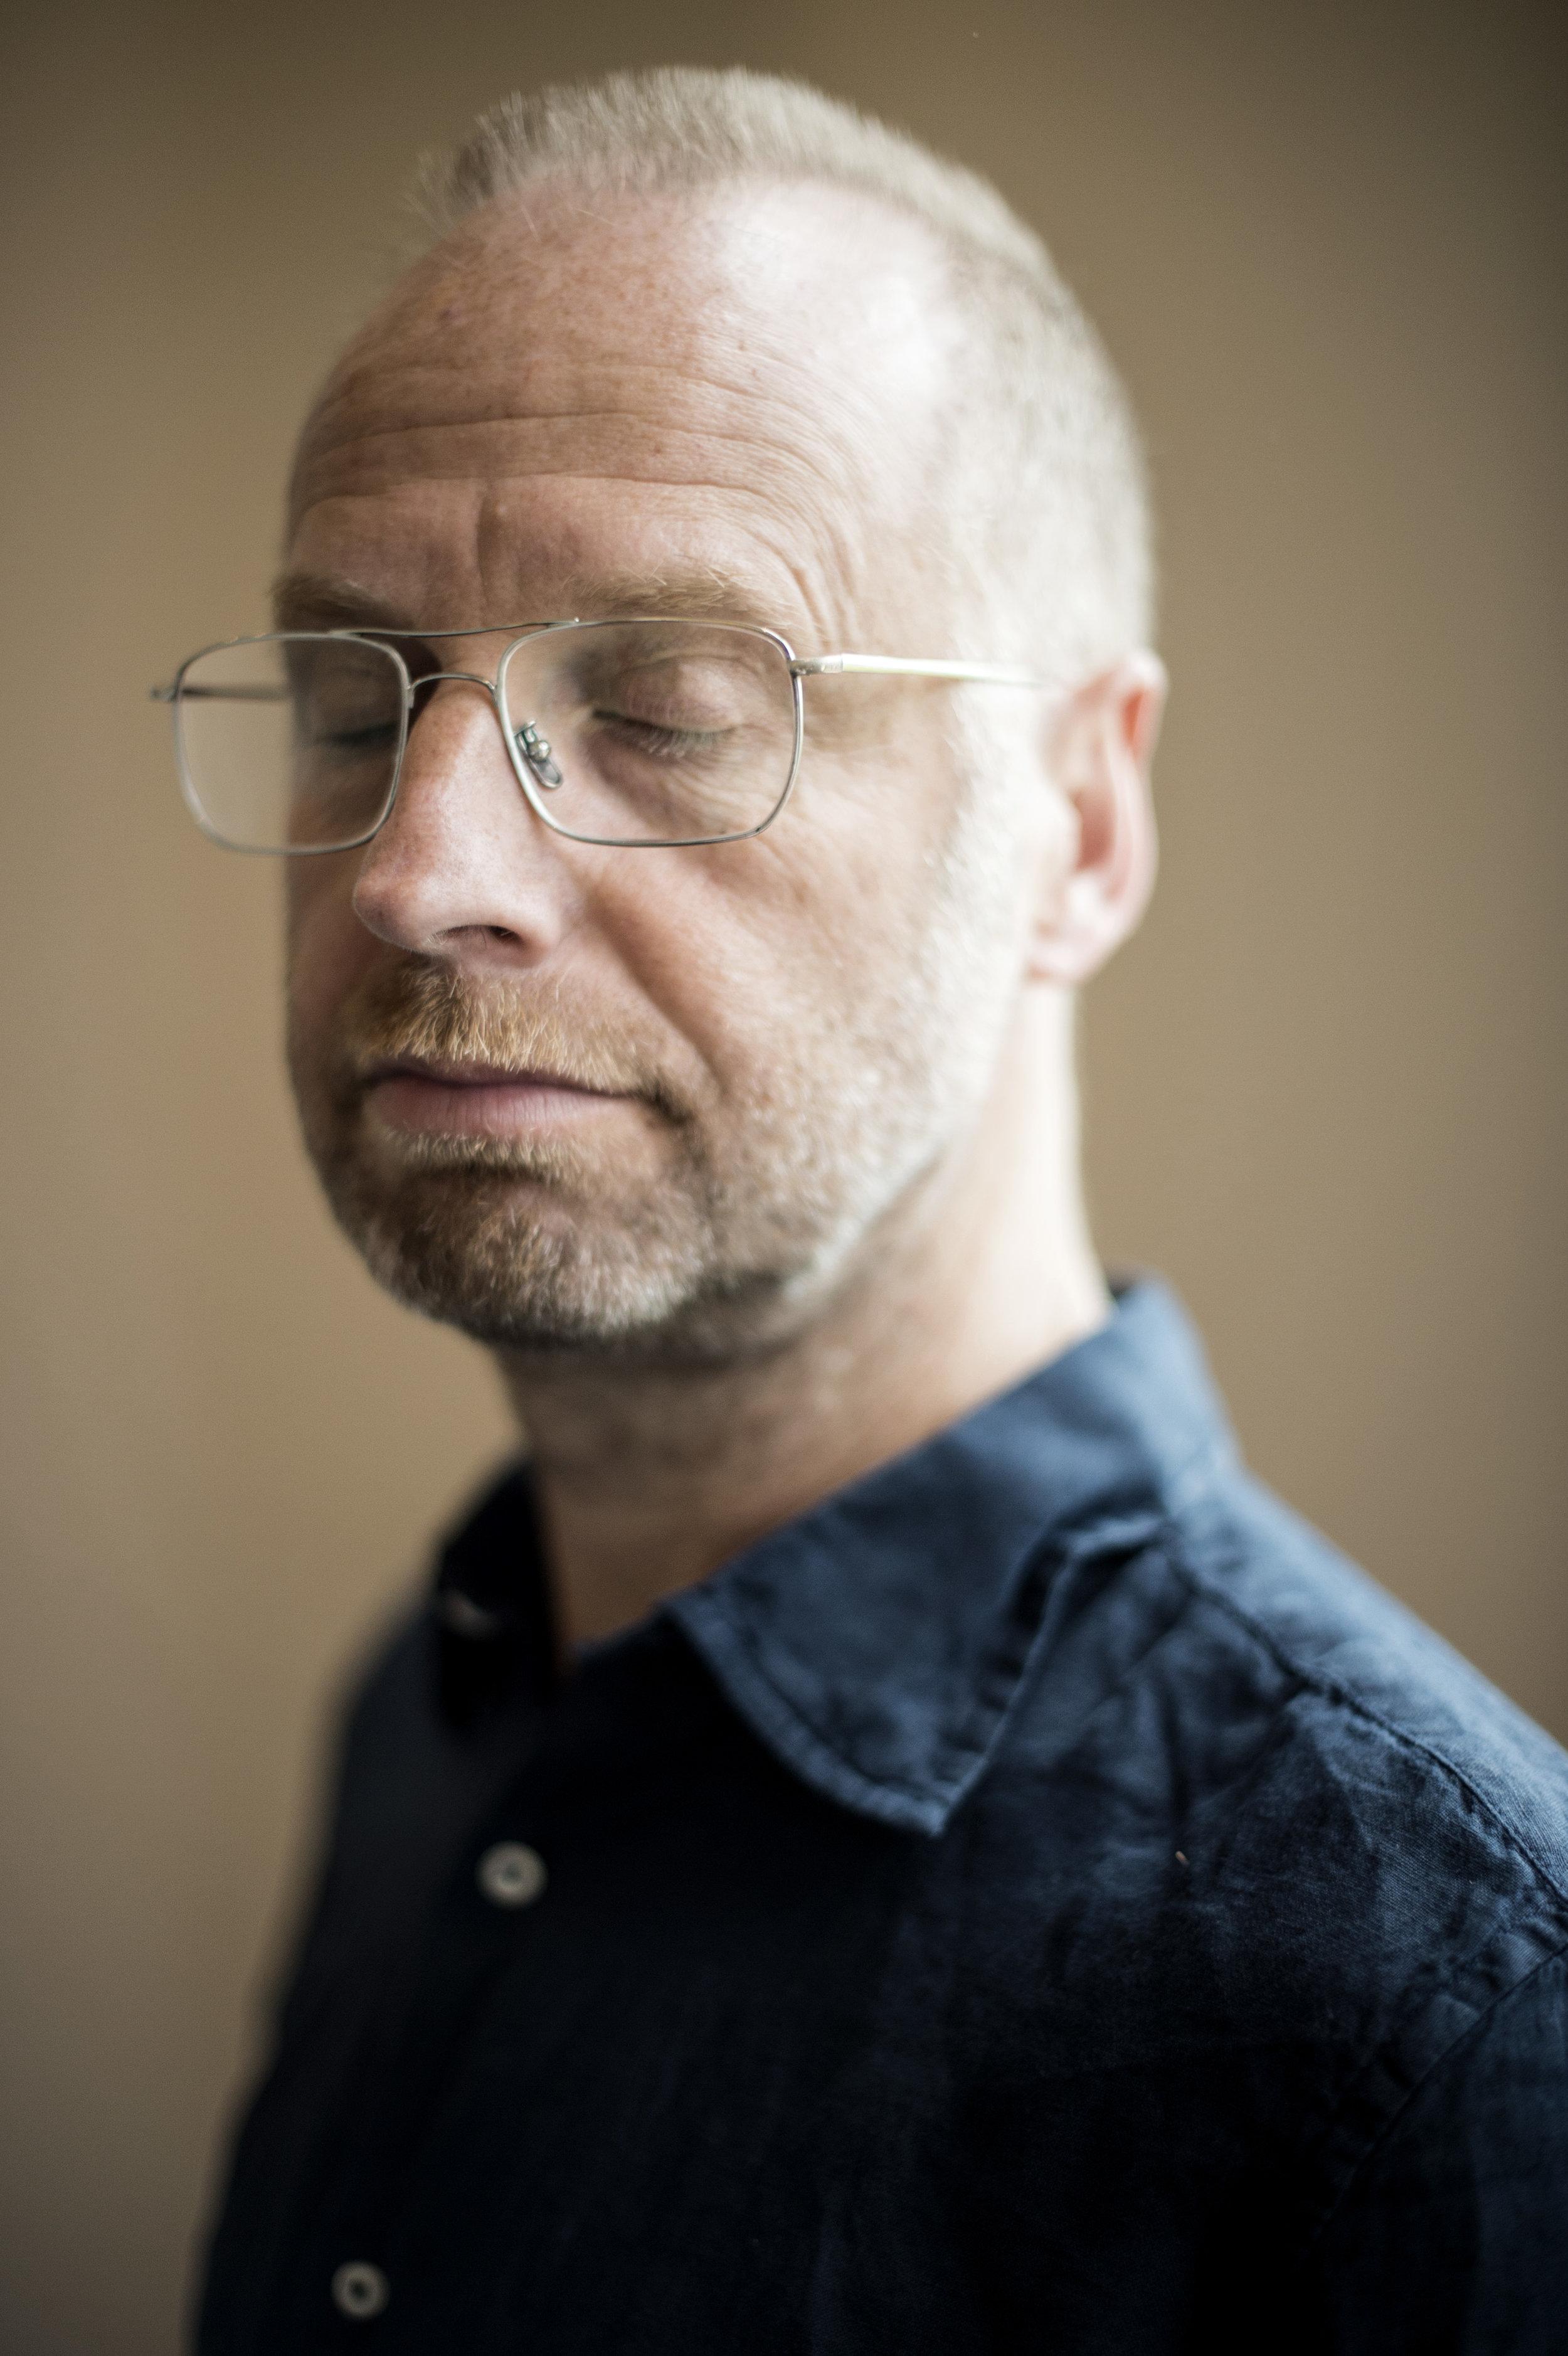 1 FKU Ulrik Møller2-kopi.jpg